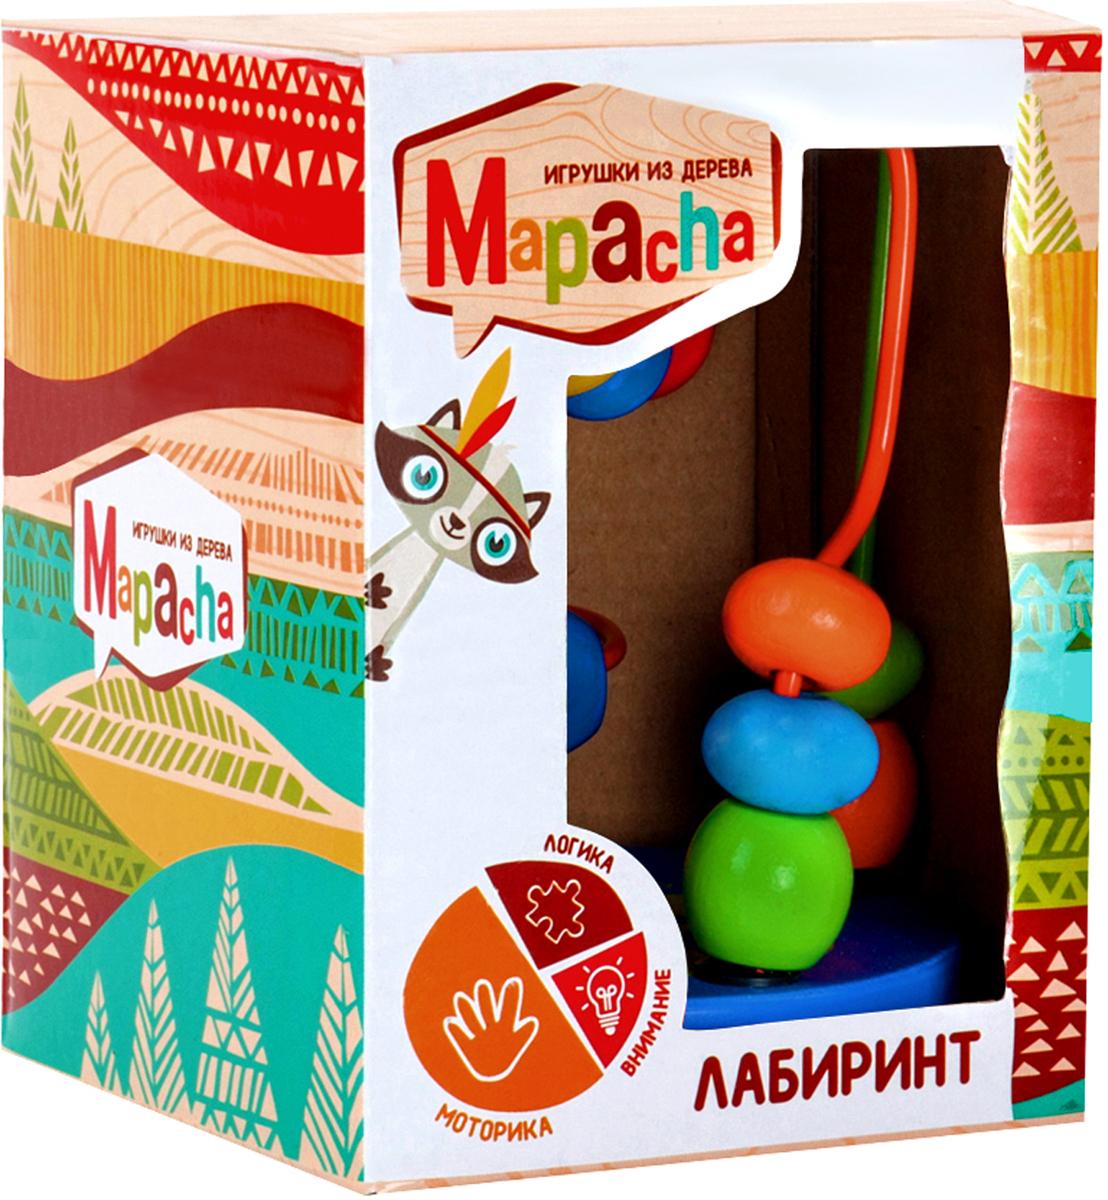 Mapacha Лабиринт цвет синий76691Увлекательная игрушка Лабиринт предназначена специально для развития мелкой моторики рук у малышей. Ребенку очень понравится передвигать пальчиками яркие, разноцветные бусины по крутому и извилистому лабиринту! Изделие изготовлено из натуральной древесины, не имеет острых углов и шероховатых поверхностей. Размер игрушки (ДхШхВ): 9 х 9 х 11,5 см.